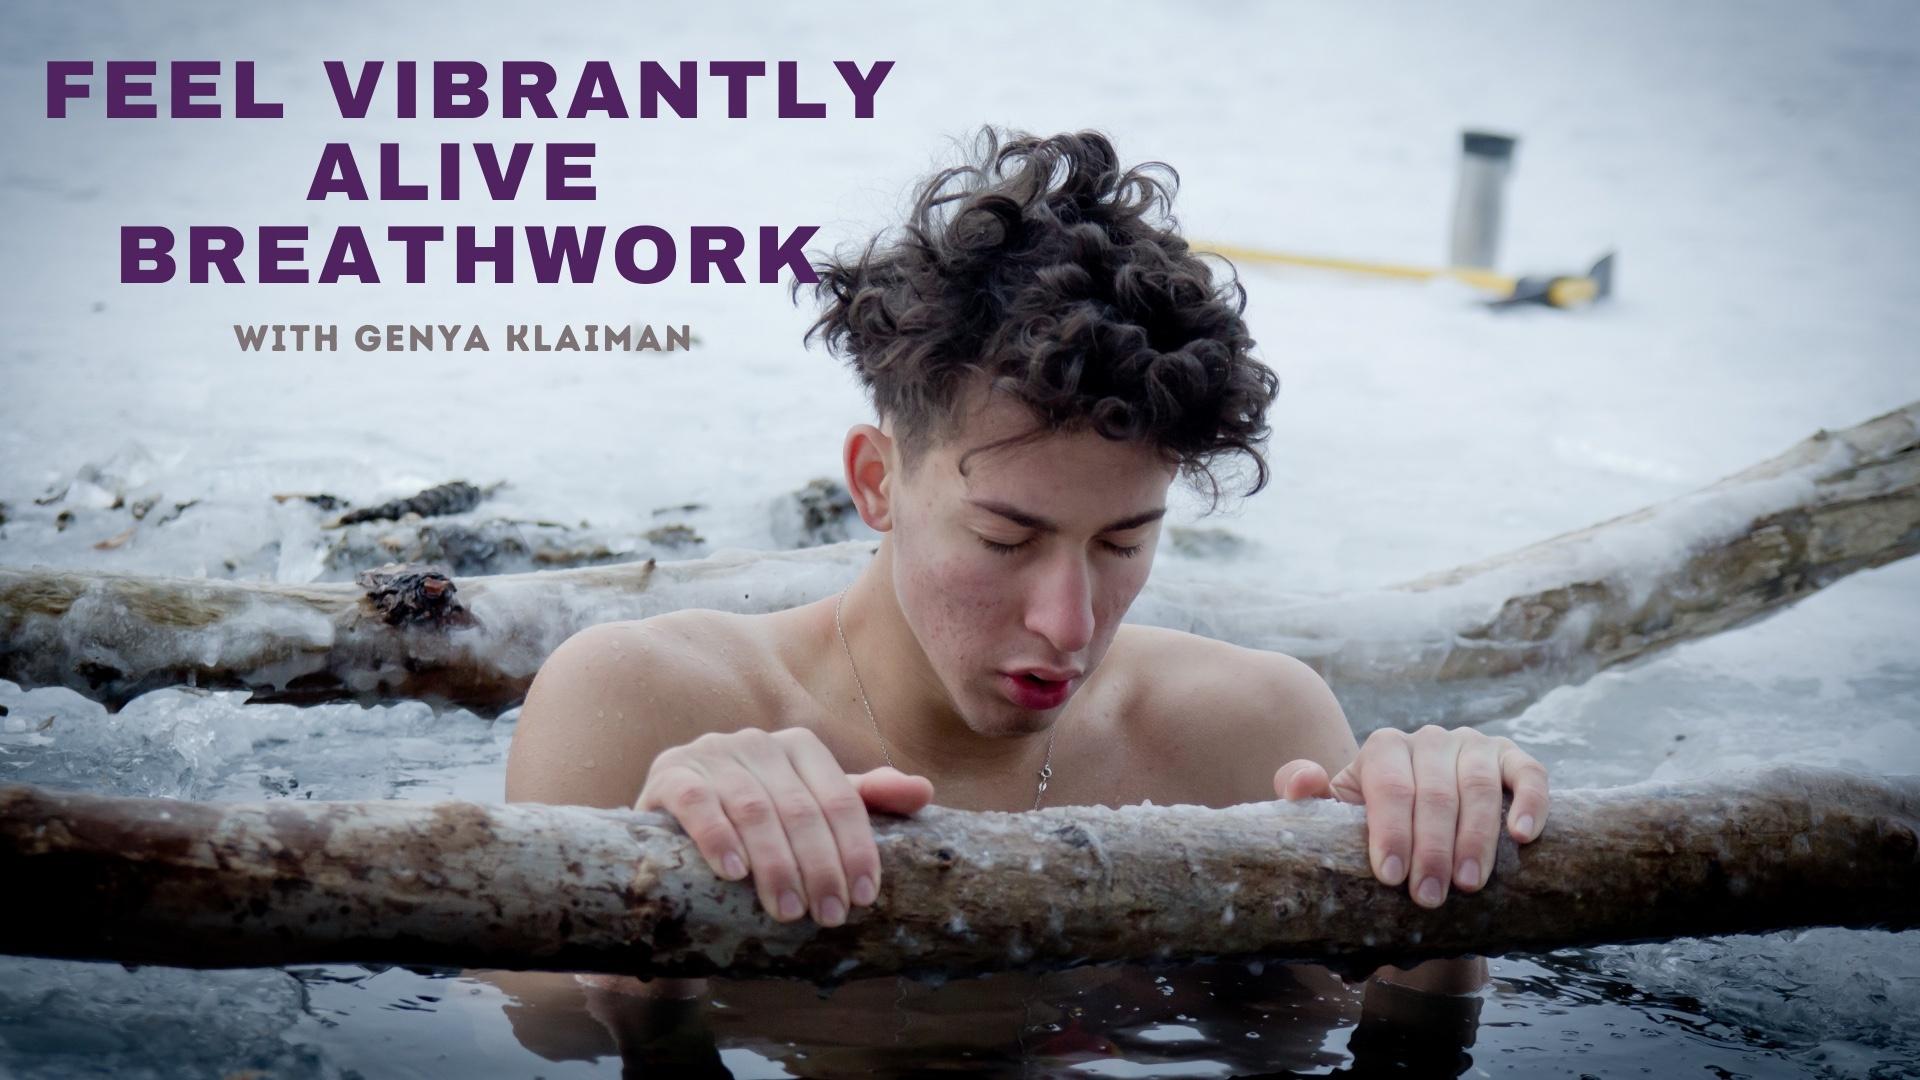 Feel Vibrantly Alive Breathwork with Genya Klaiman